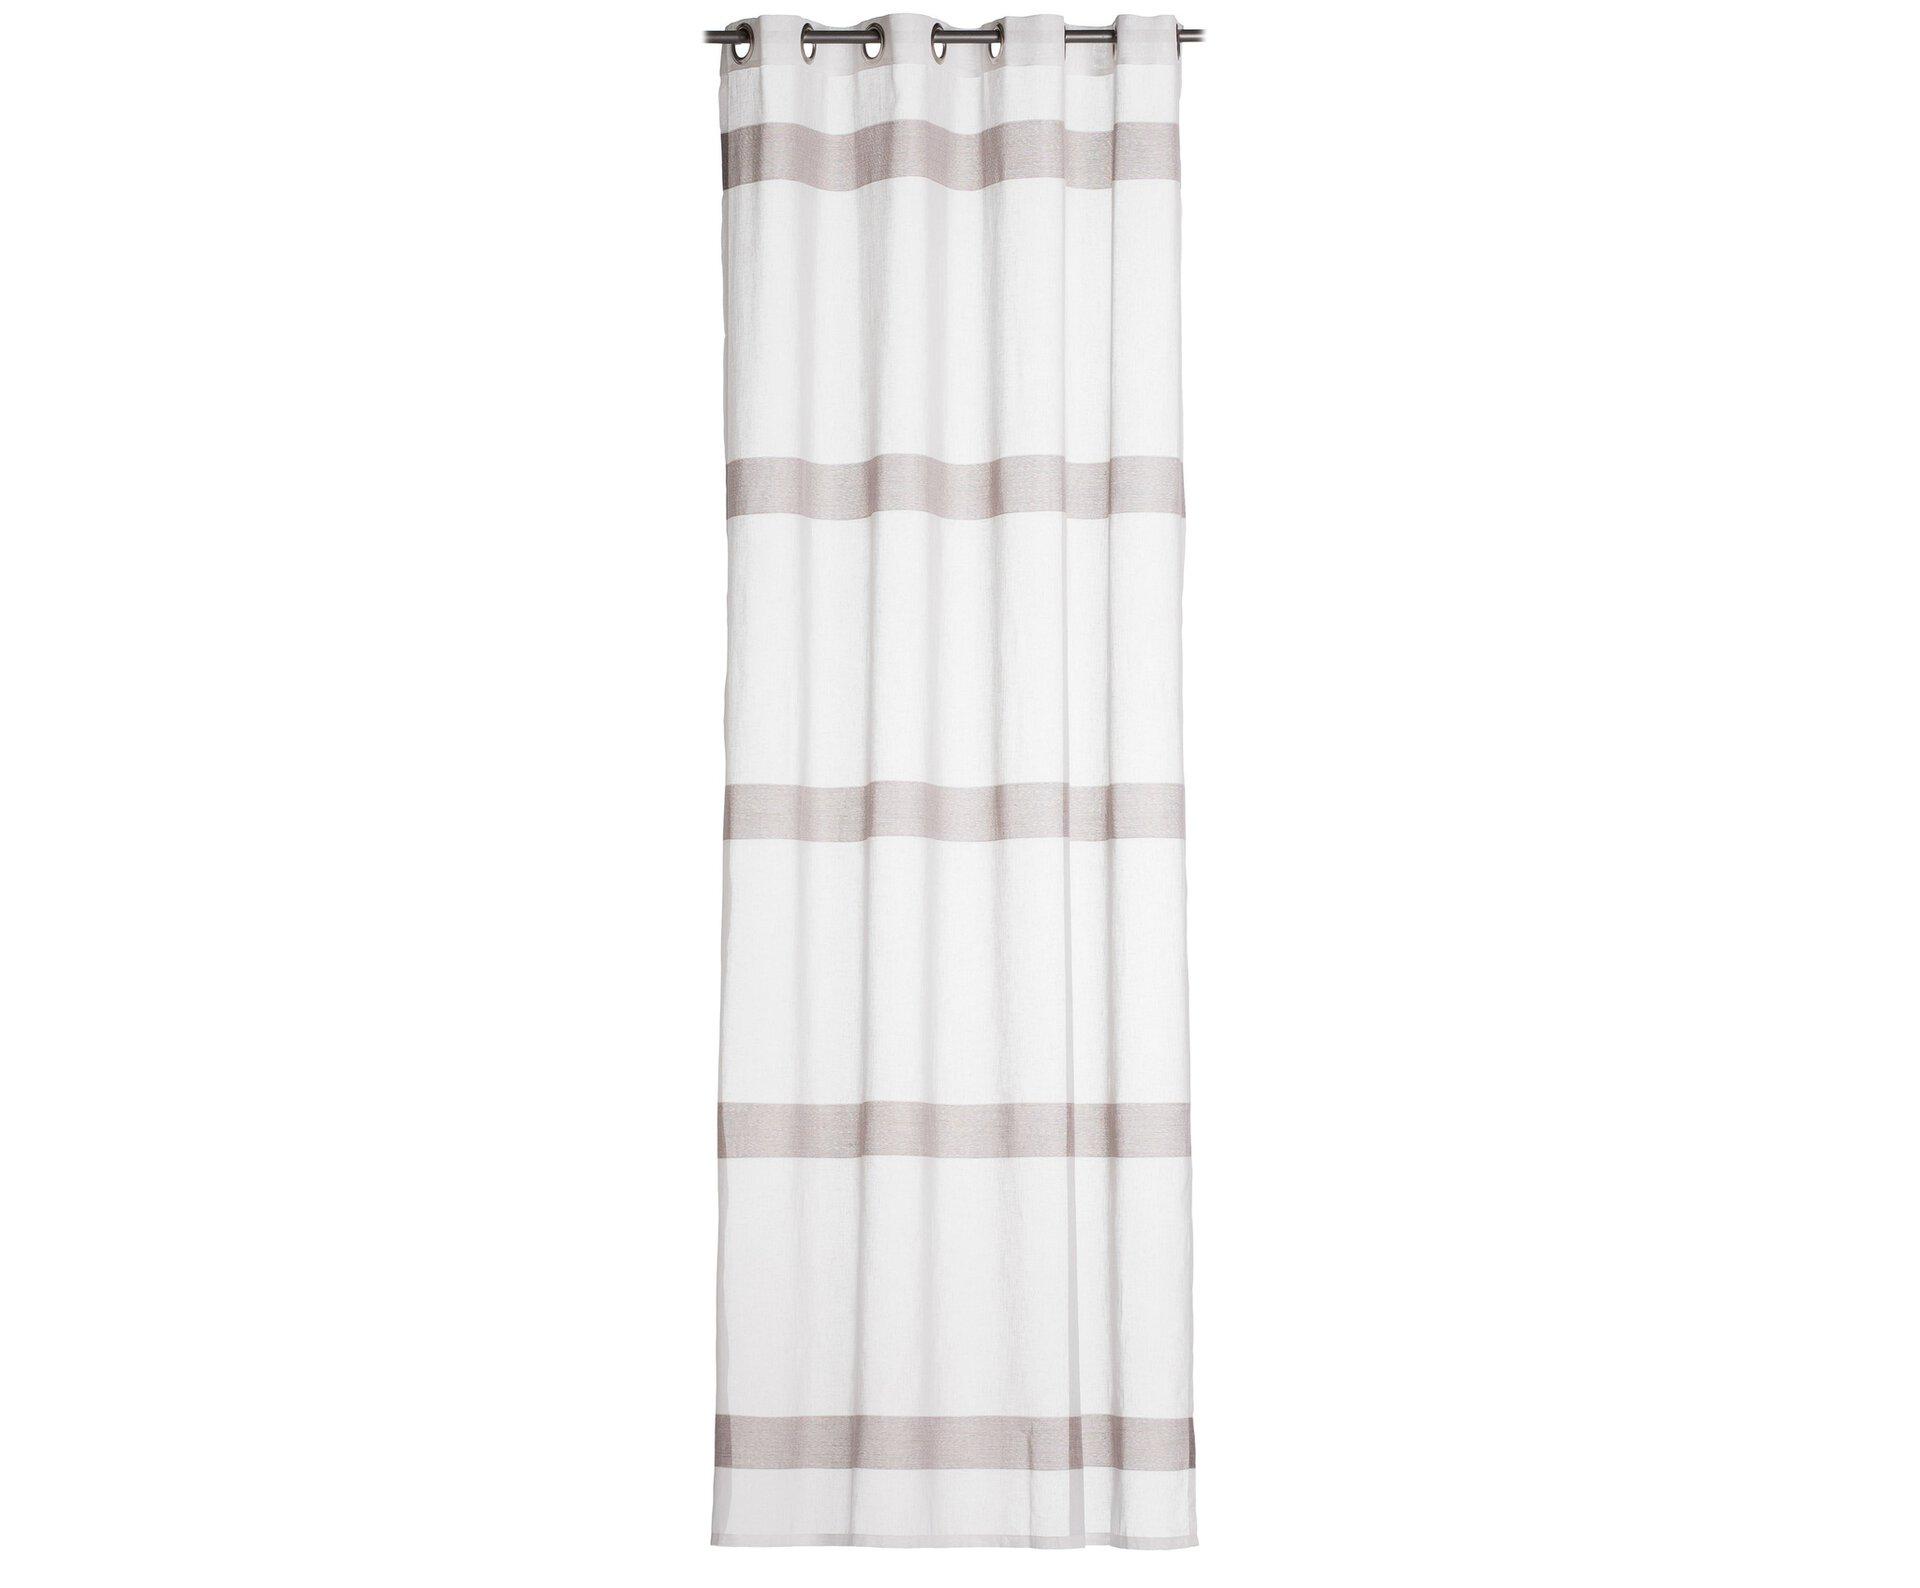 Ösenschal La Paz Ambiente Trendlife Textil 140 x 245 cm